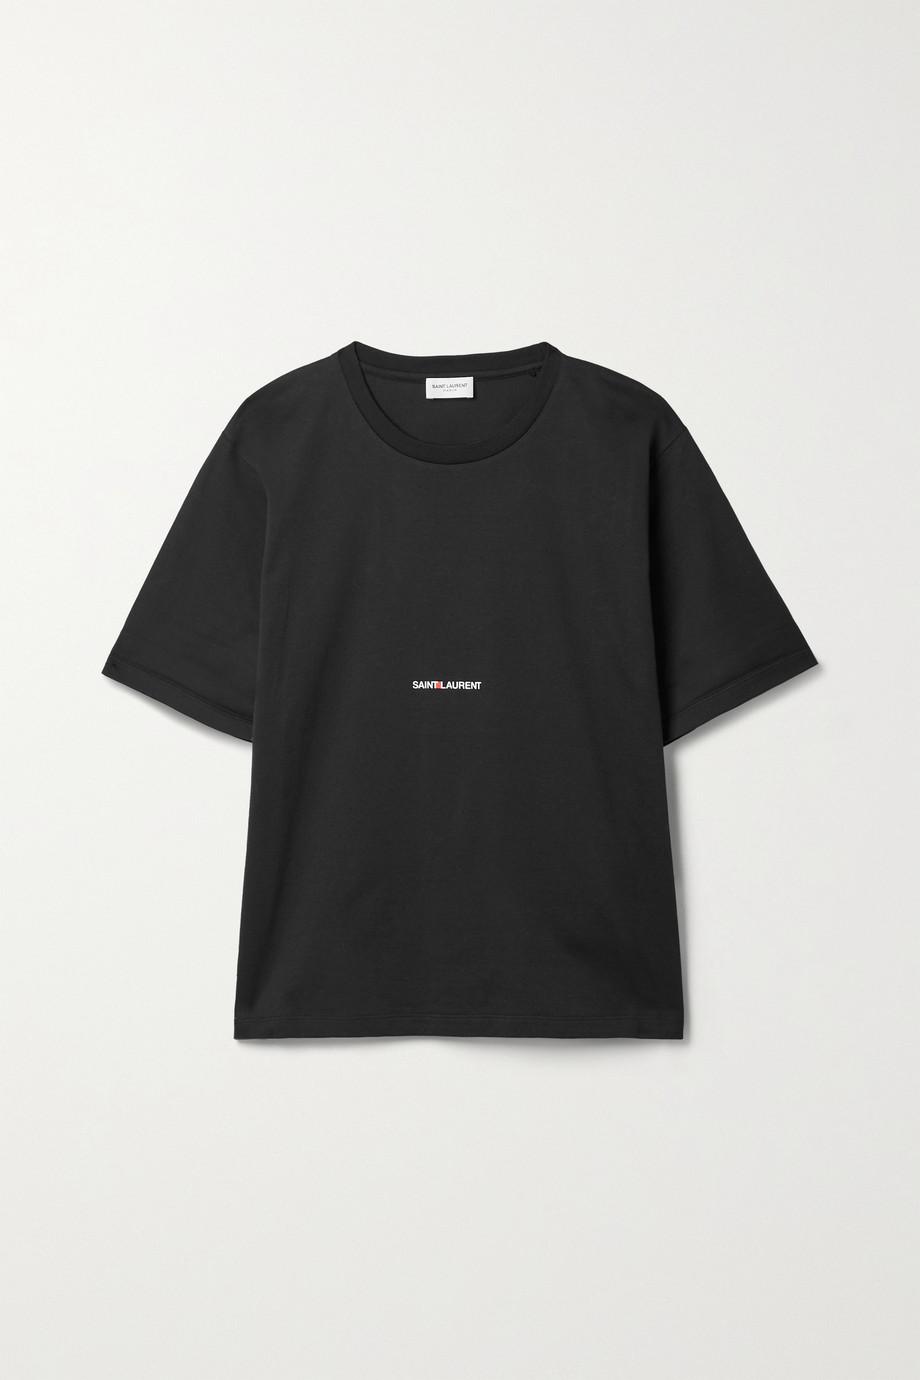 SAINT LAURENT T-shirt en jersey de coton imprimé